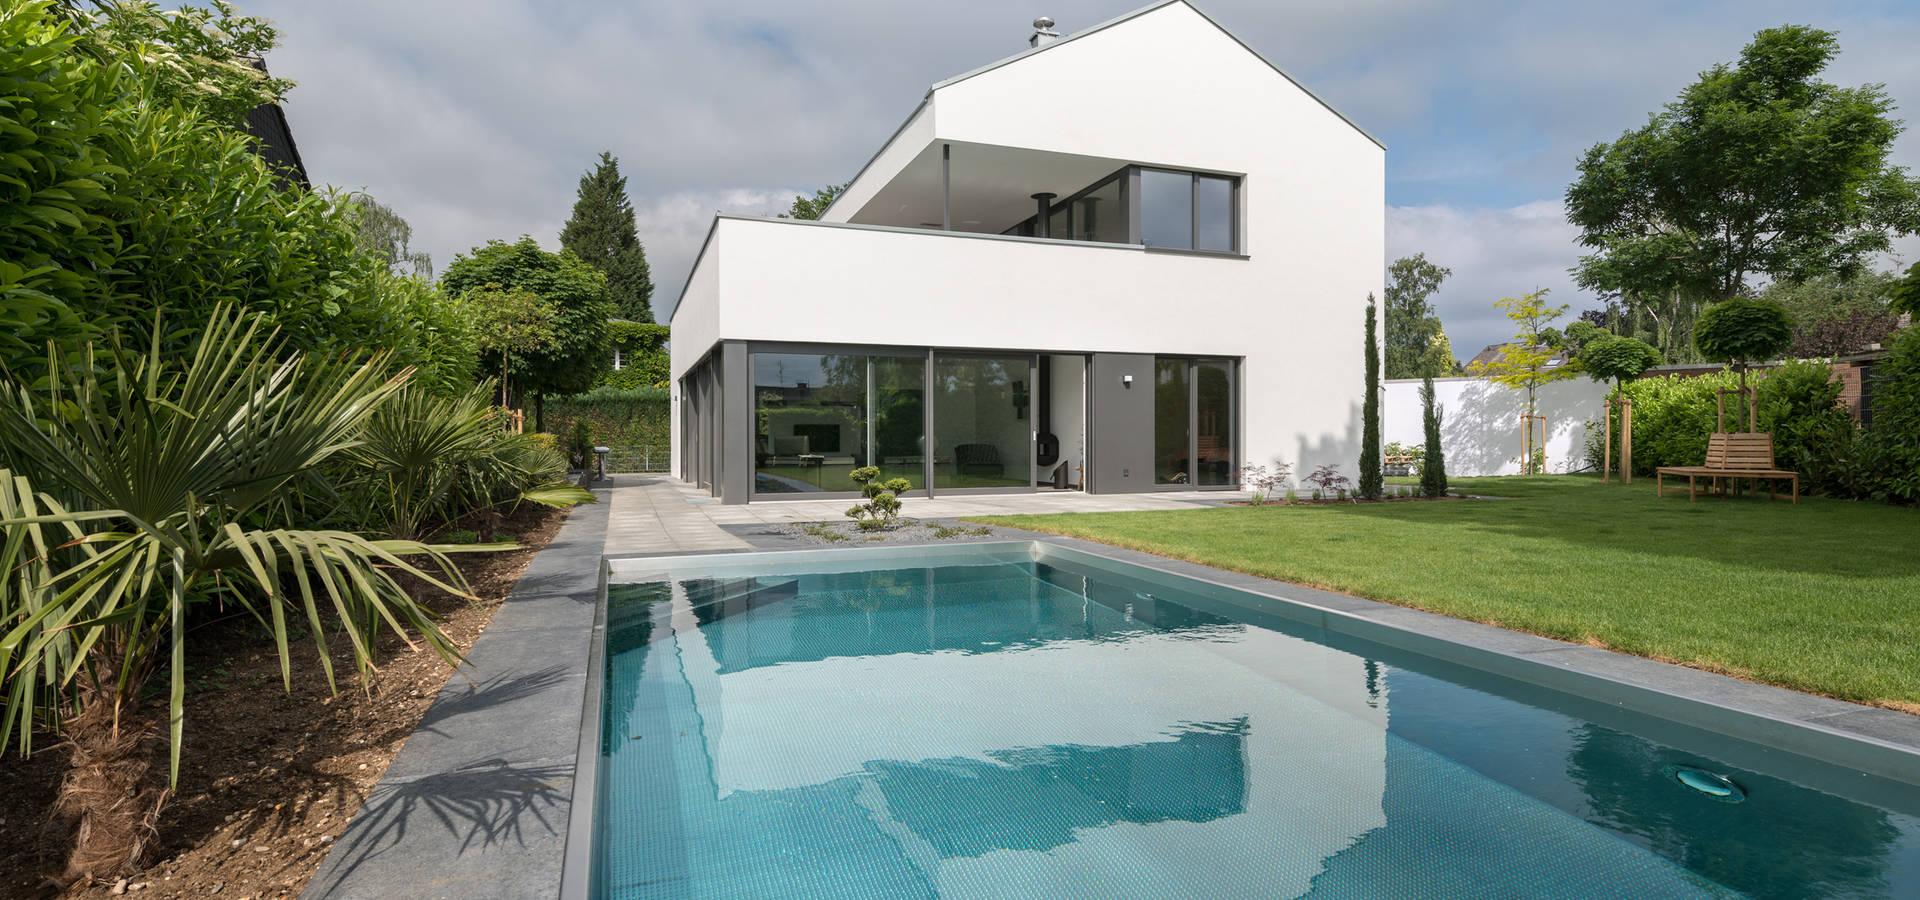 haus m neuss by schmitz architekten gmbh homify. Black Bedroom Furniture Sets. Home Design Ideas